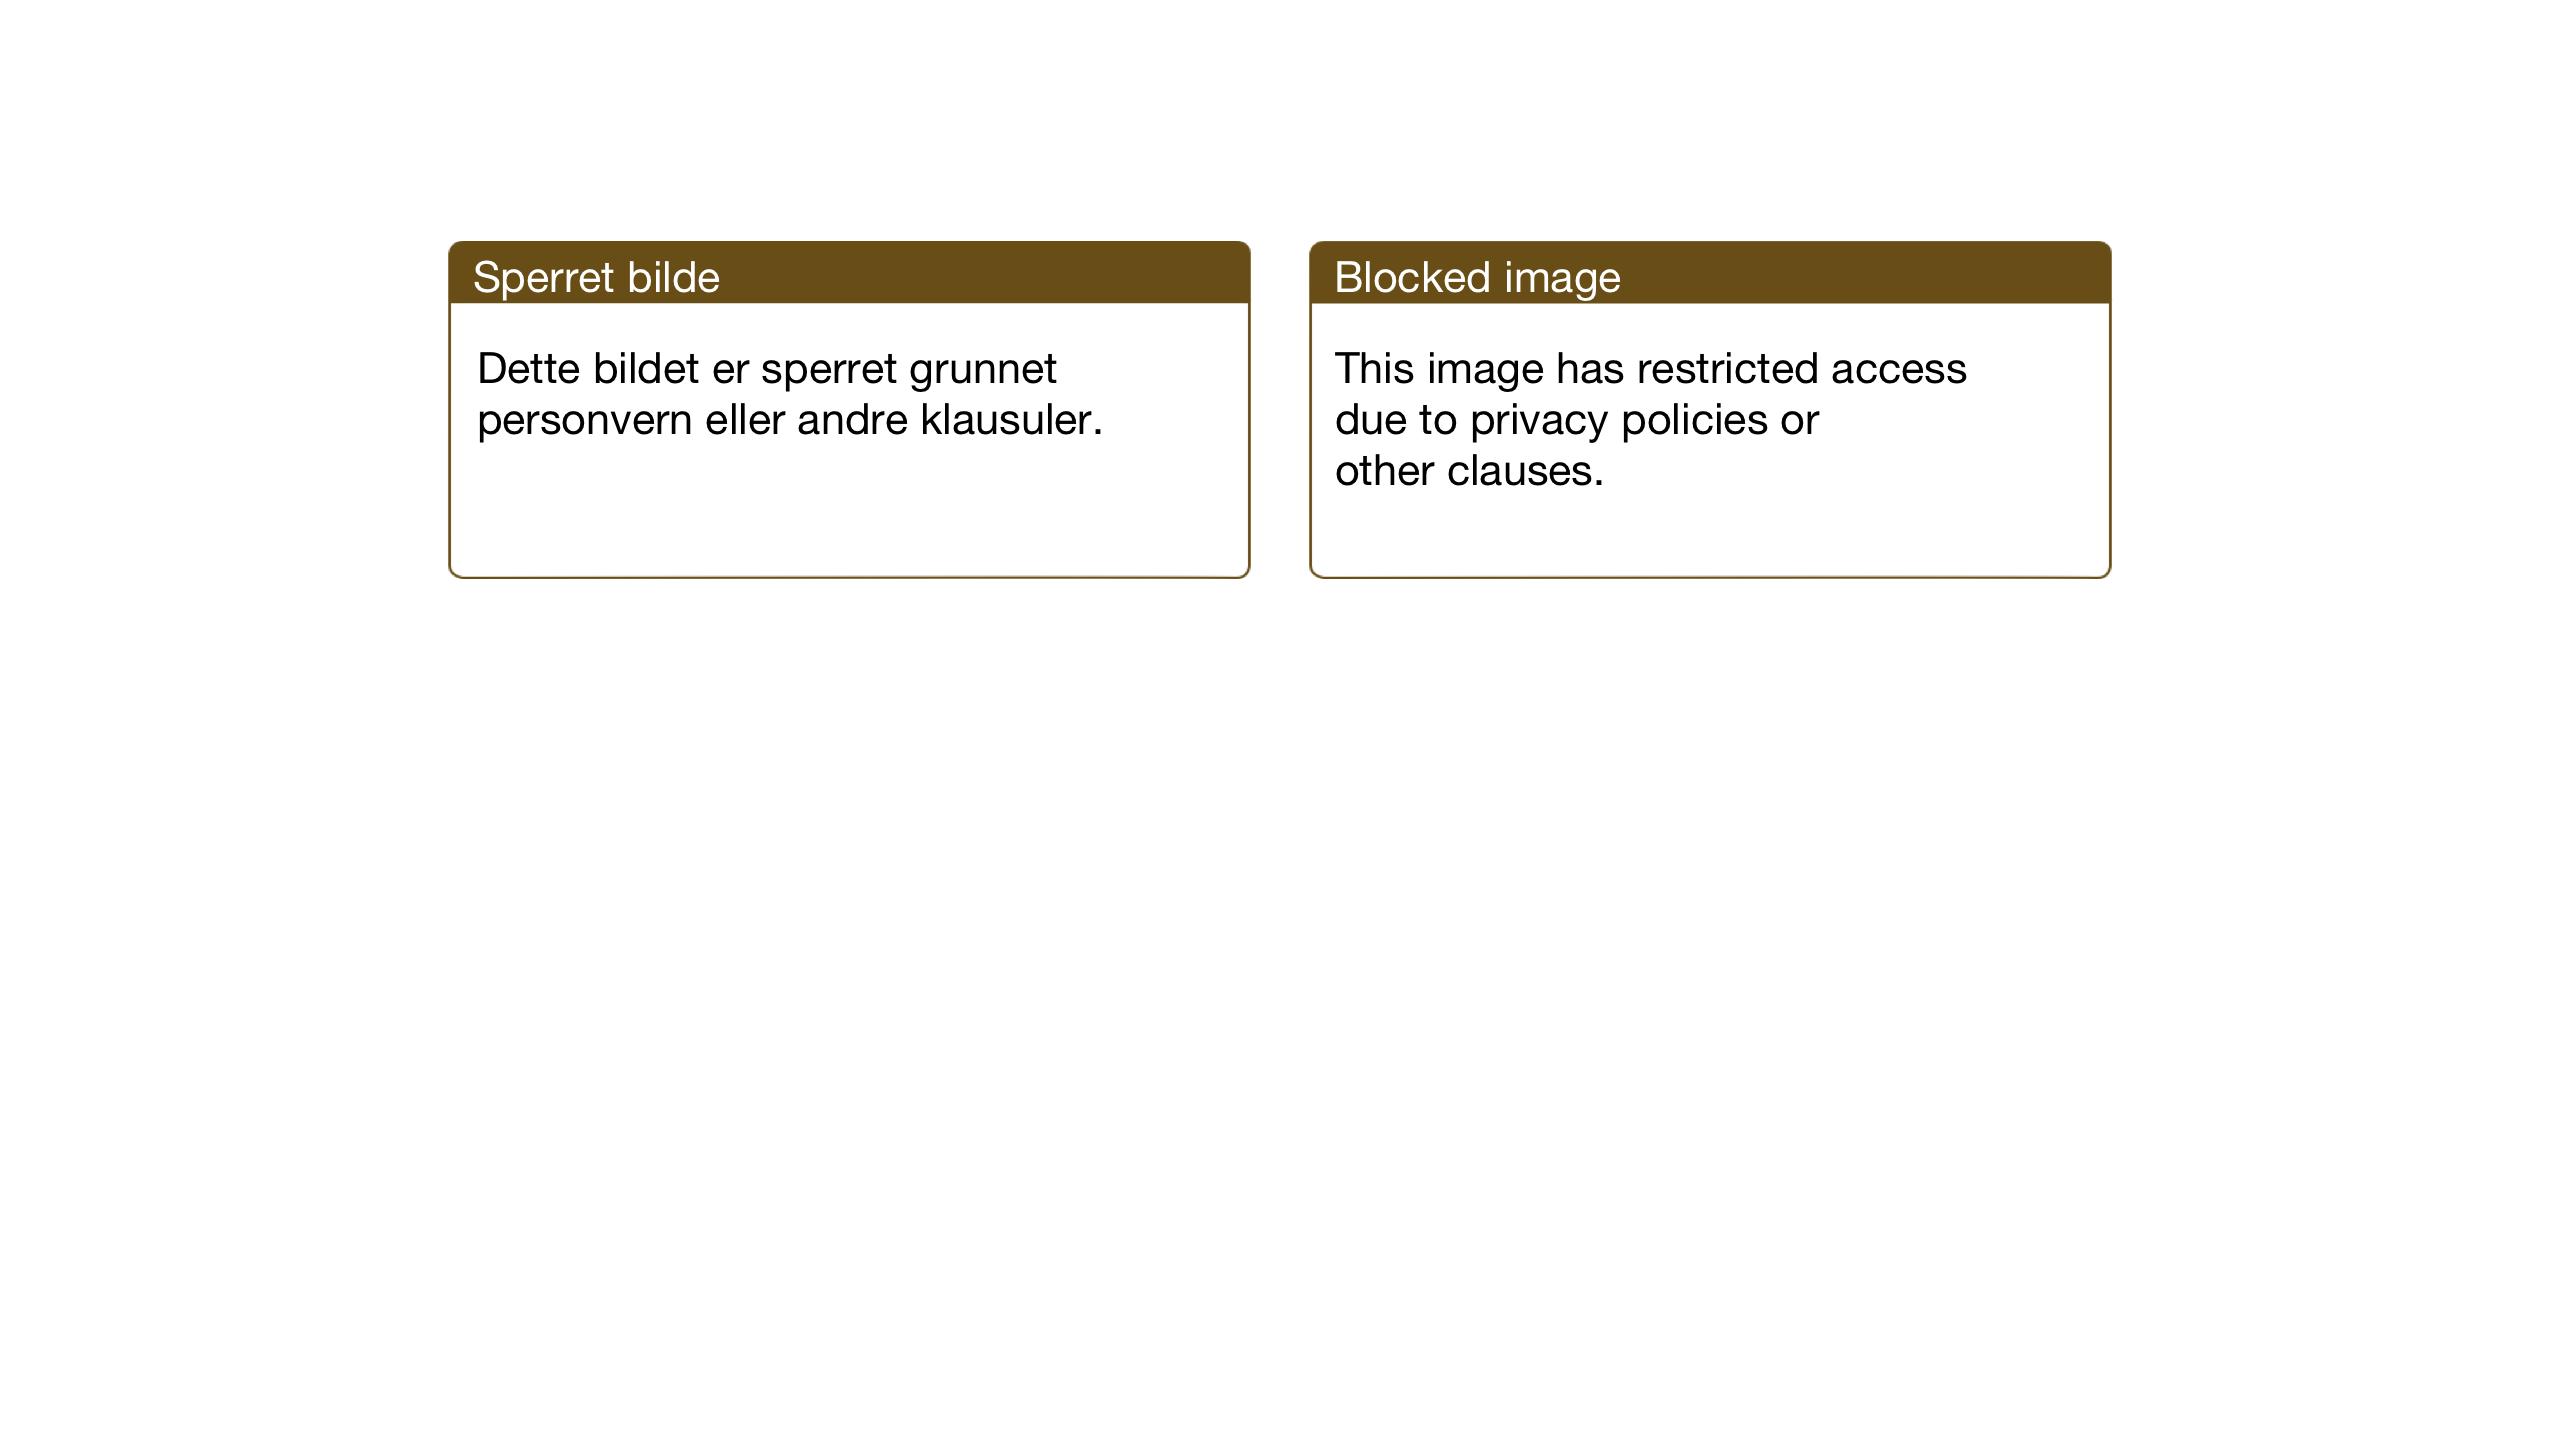 SAT, Ministerialprotokoller, klokkerbøker og fødselsregistre - Sør-Trøndelag, 686/L0986: Klokkerbok nr. 686C02, 1933-1950, s. 4